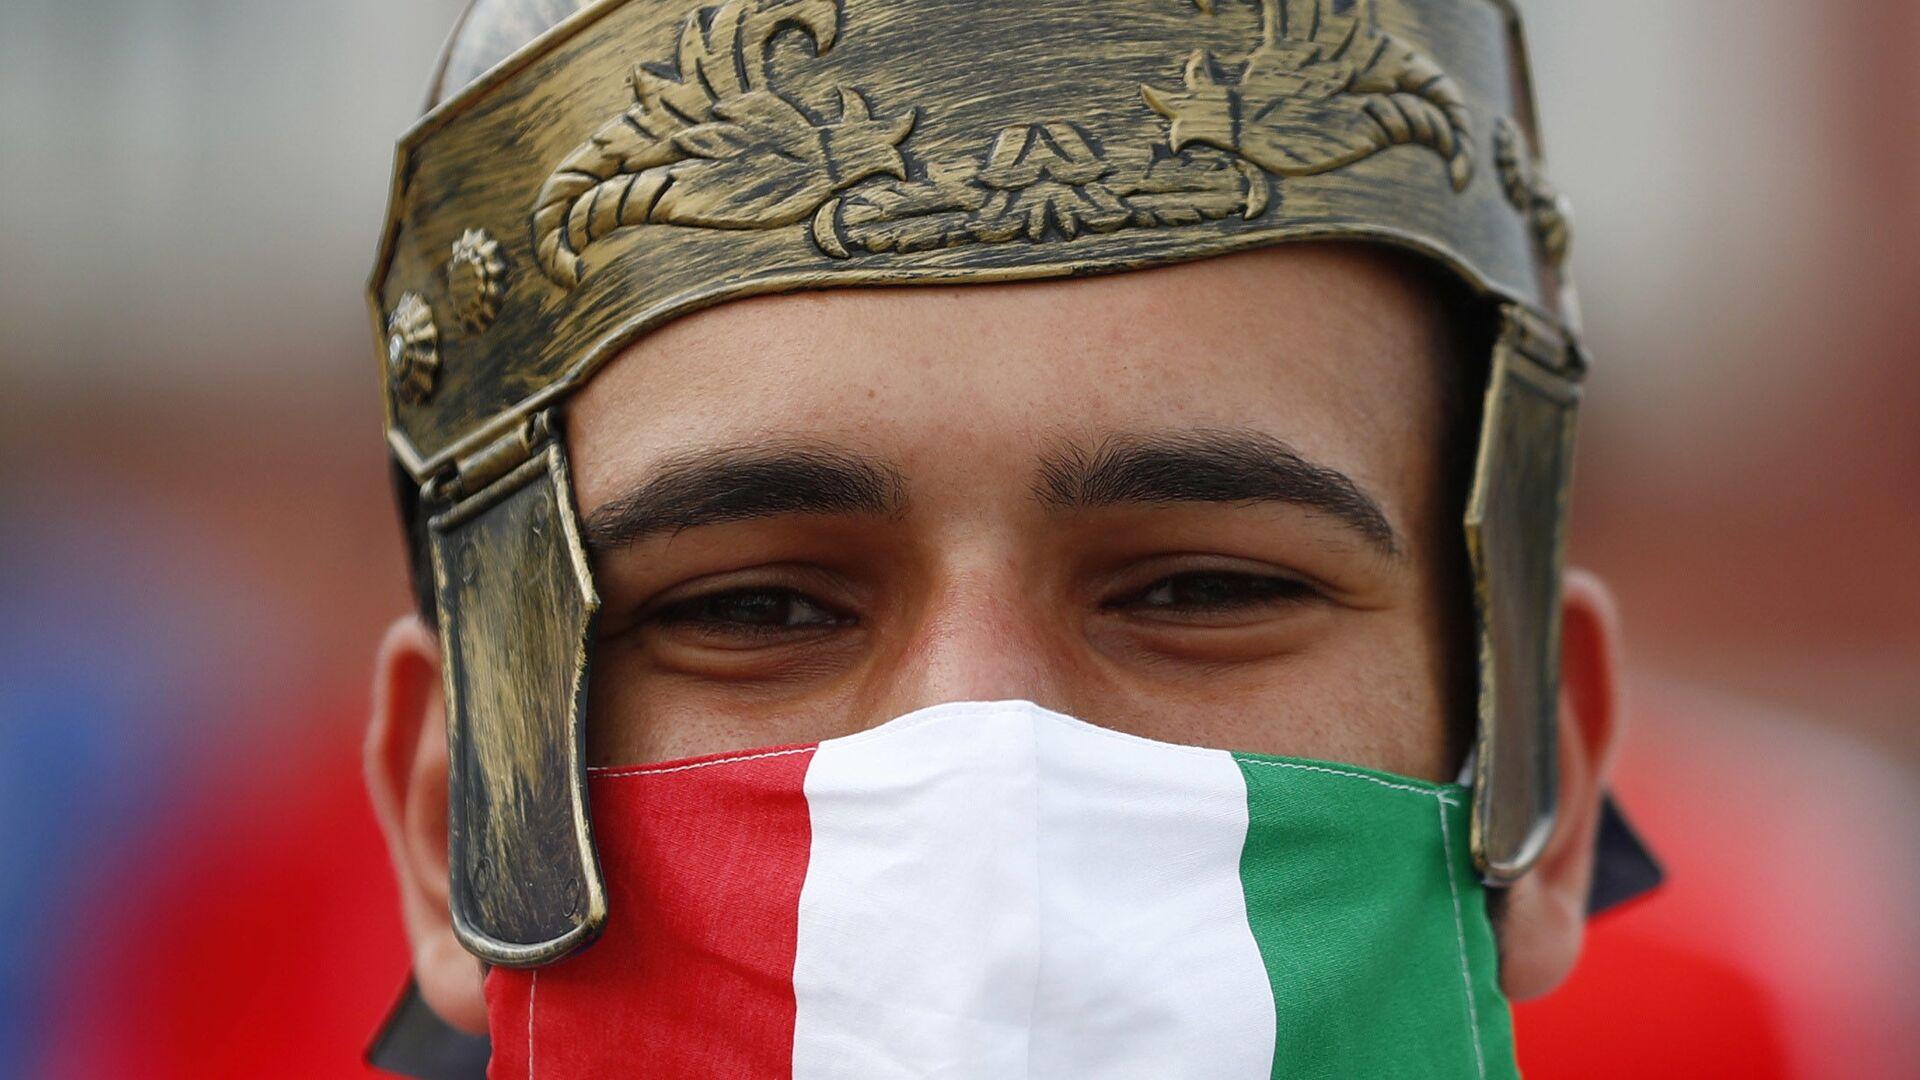 Un tifoso della nazionale italiana a Roma durante gli Europei 2020 - Sputnik Italia, 1920, 21.06.2021